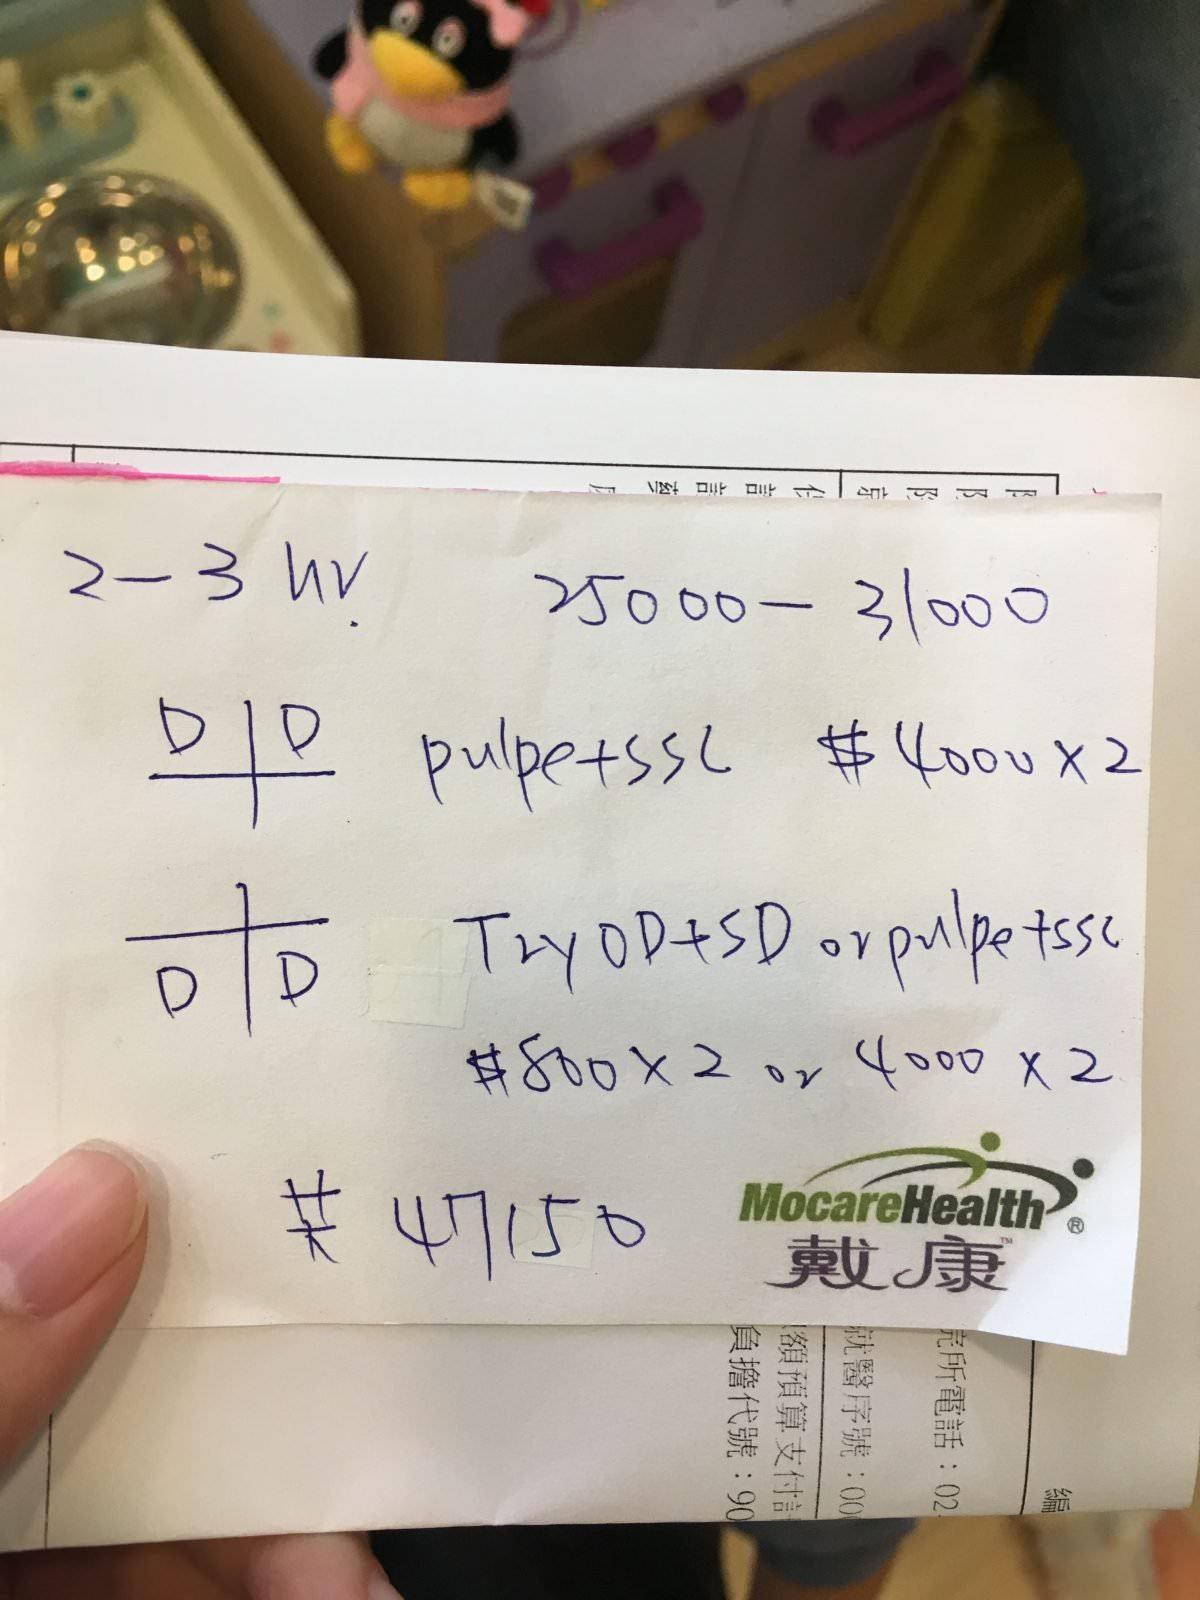 手術費用預估單